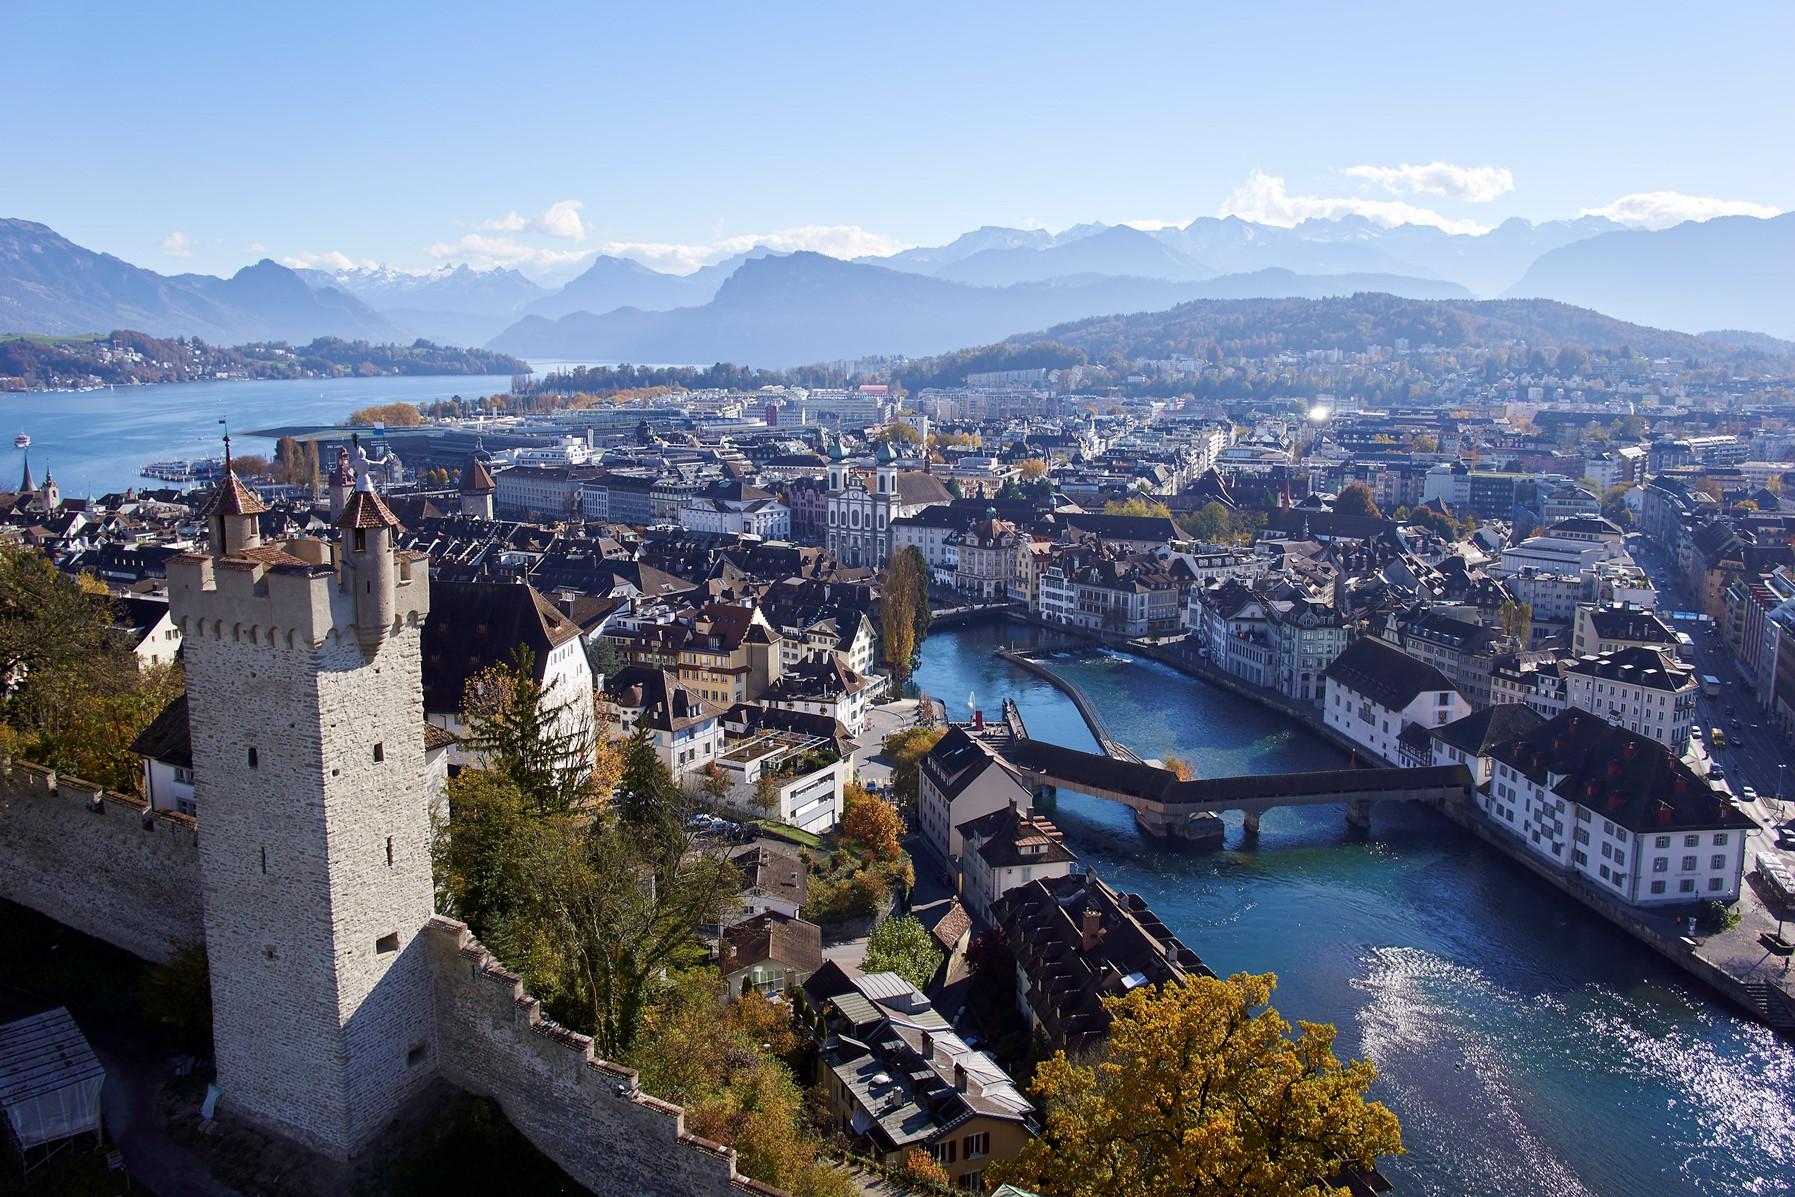 Dieses Jahr gibt es in der Erlebnisregion Luzern-Vierwaldstättersee ganz viel zu entdecken